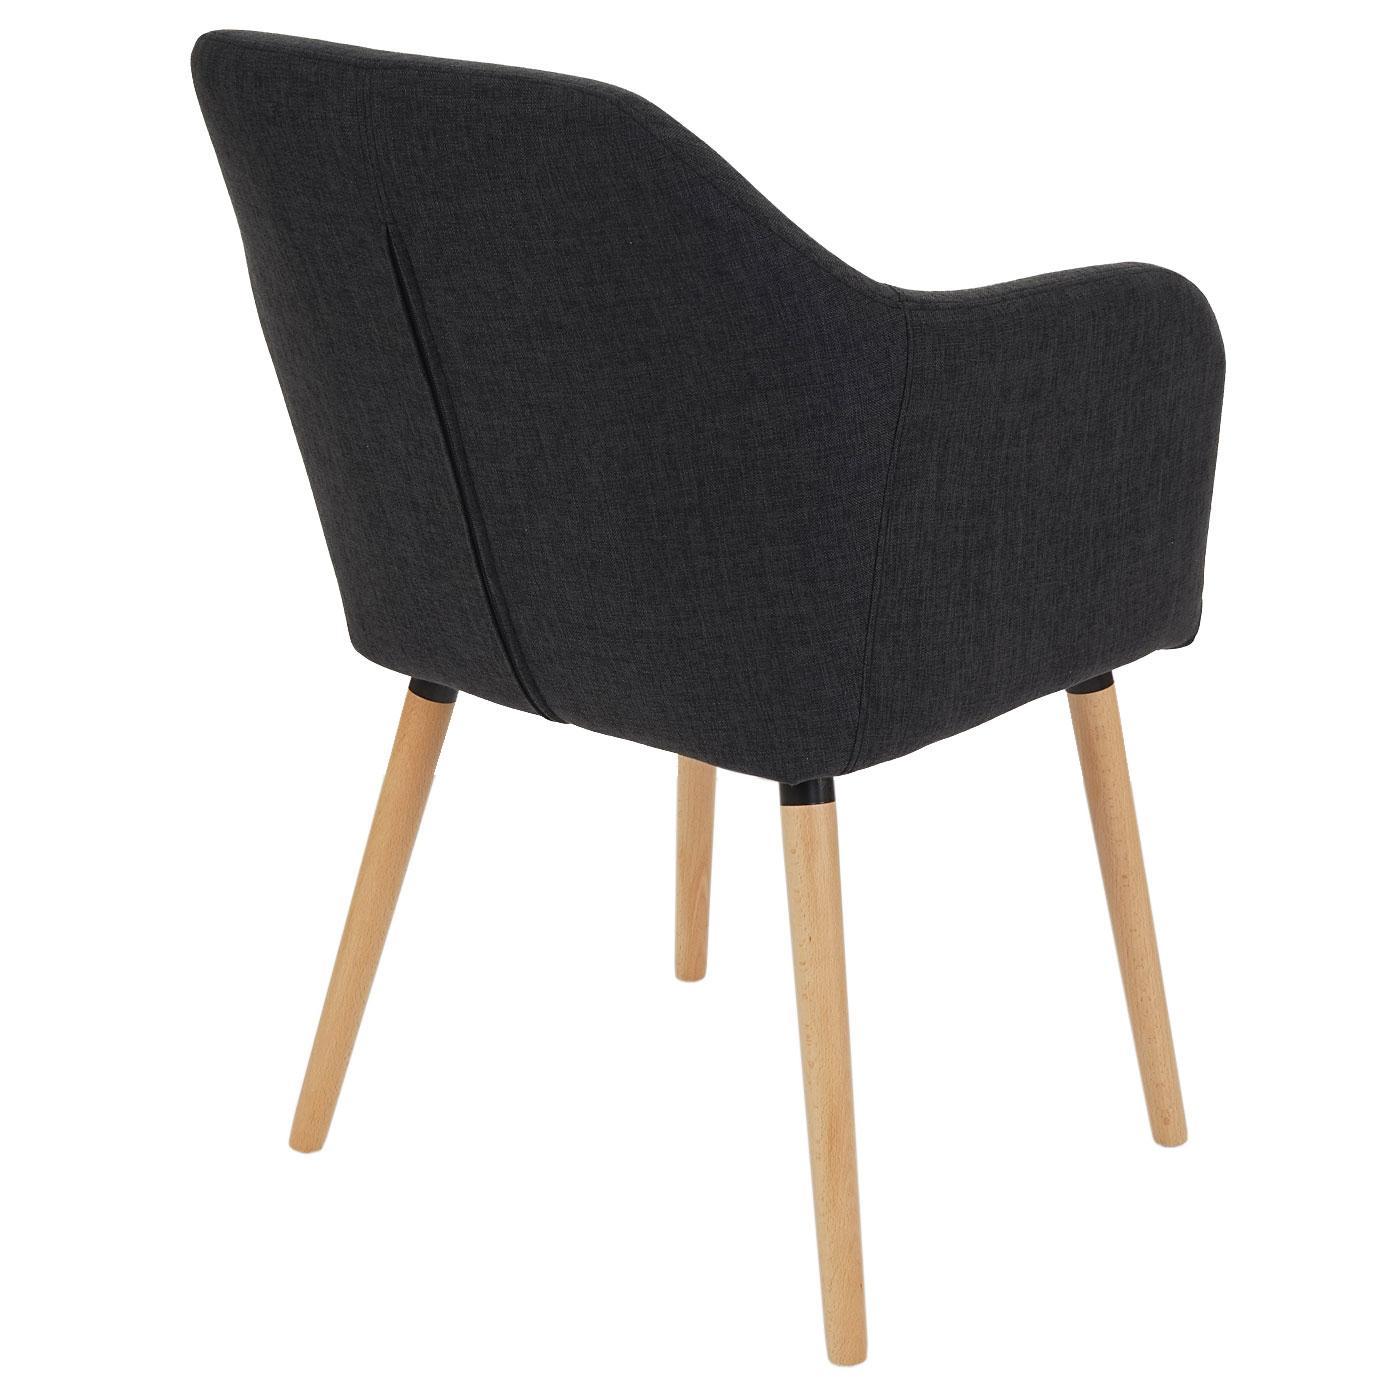 Lote de 6 sillas de comedor tulio tela tapizadas en for Sillas para comedor tapizadas en tela